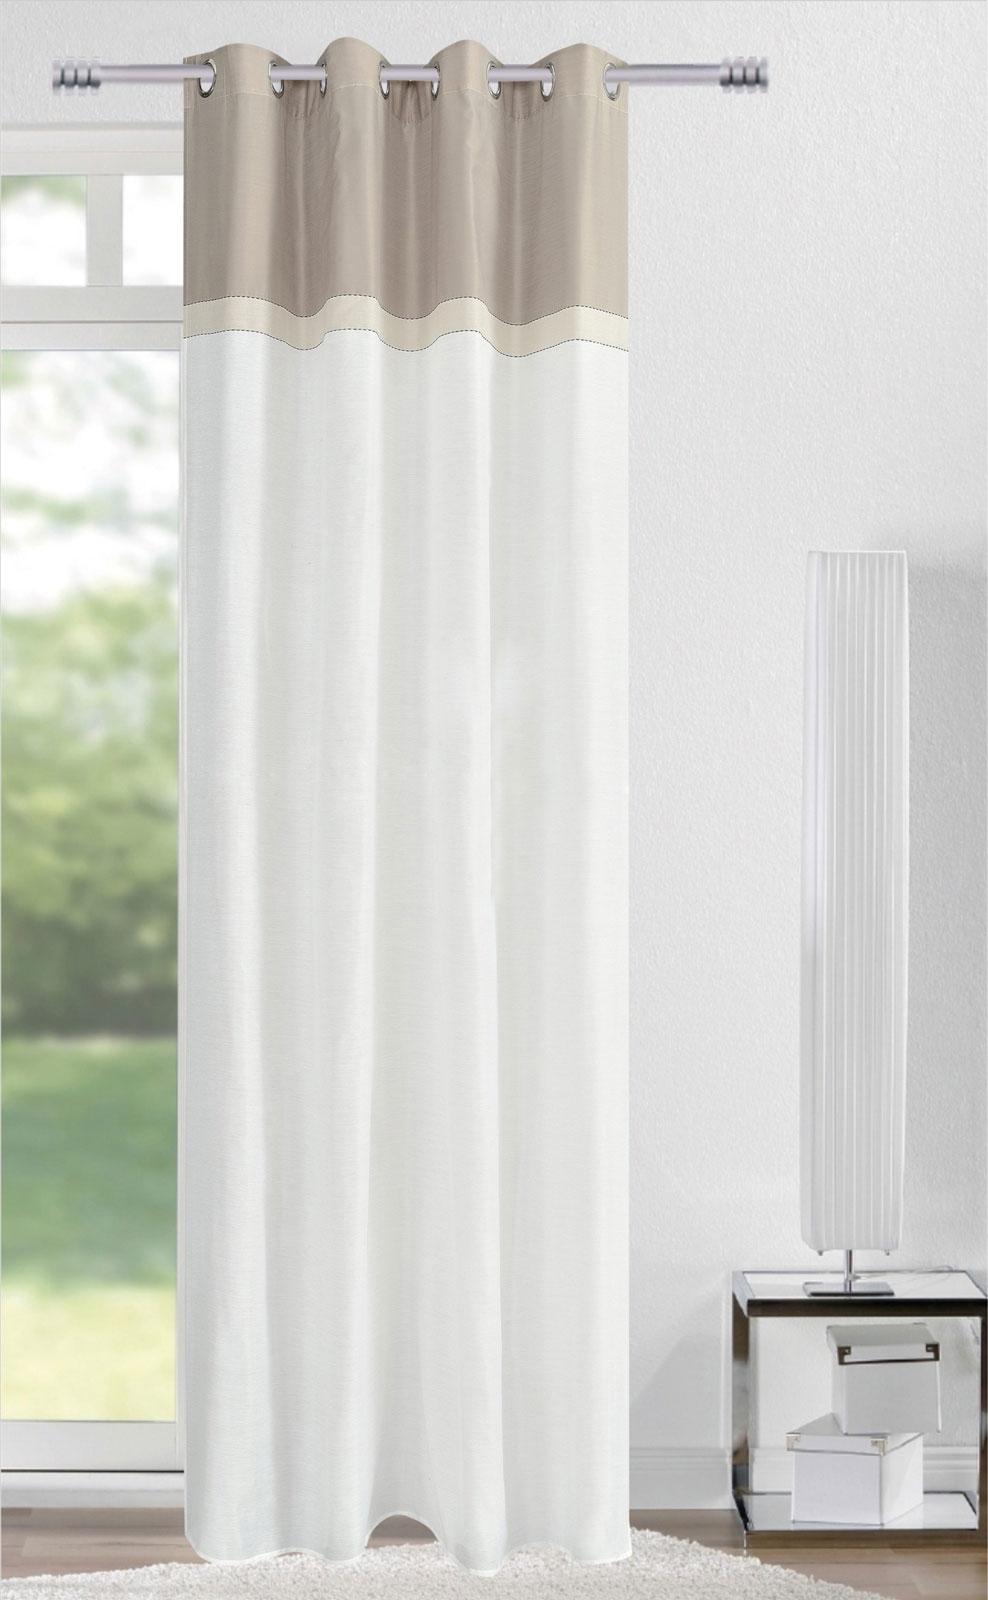 Gardinen und Vorhänge - Ösenschal Vorhang Gardine 140x245 mit Metallösen Needle grau creme weiß 400264 4  - Onlineshop PremiumShop321